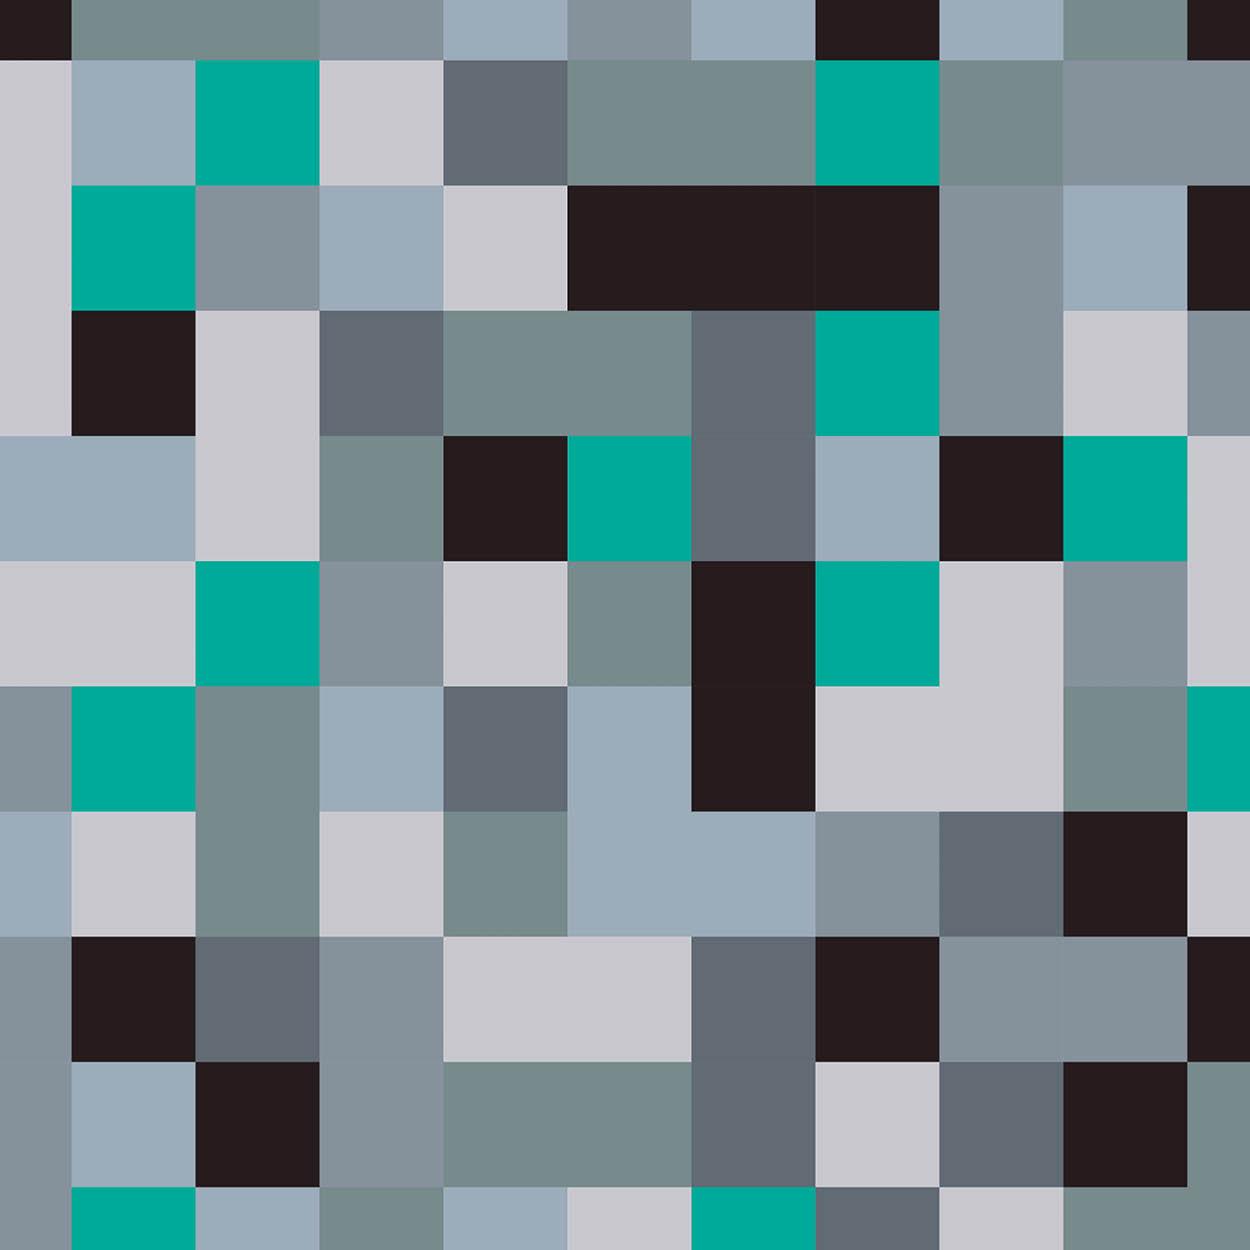 Big Pixel 9